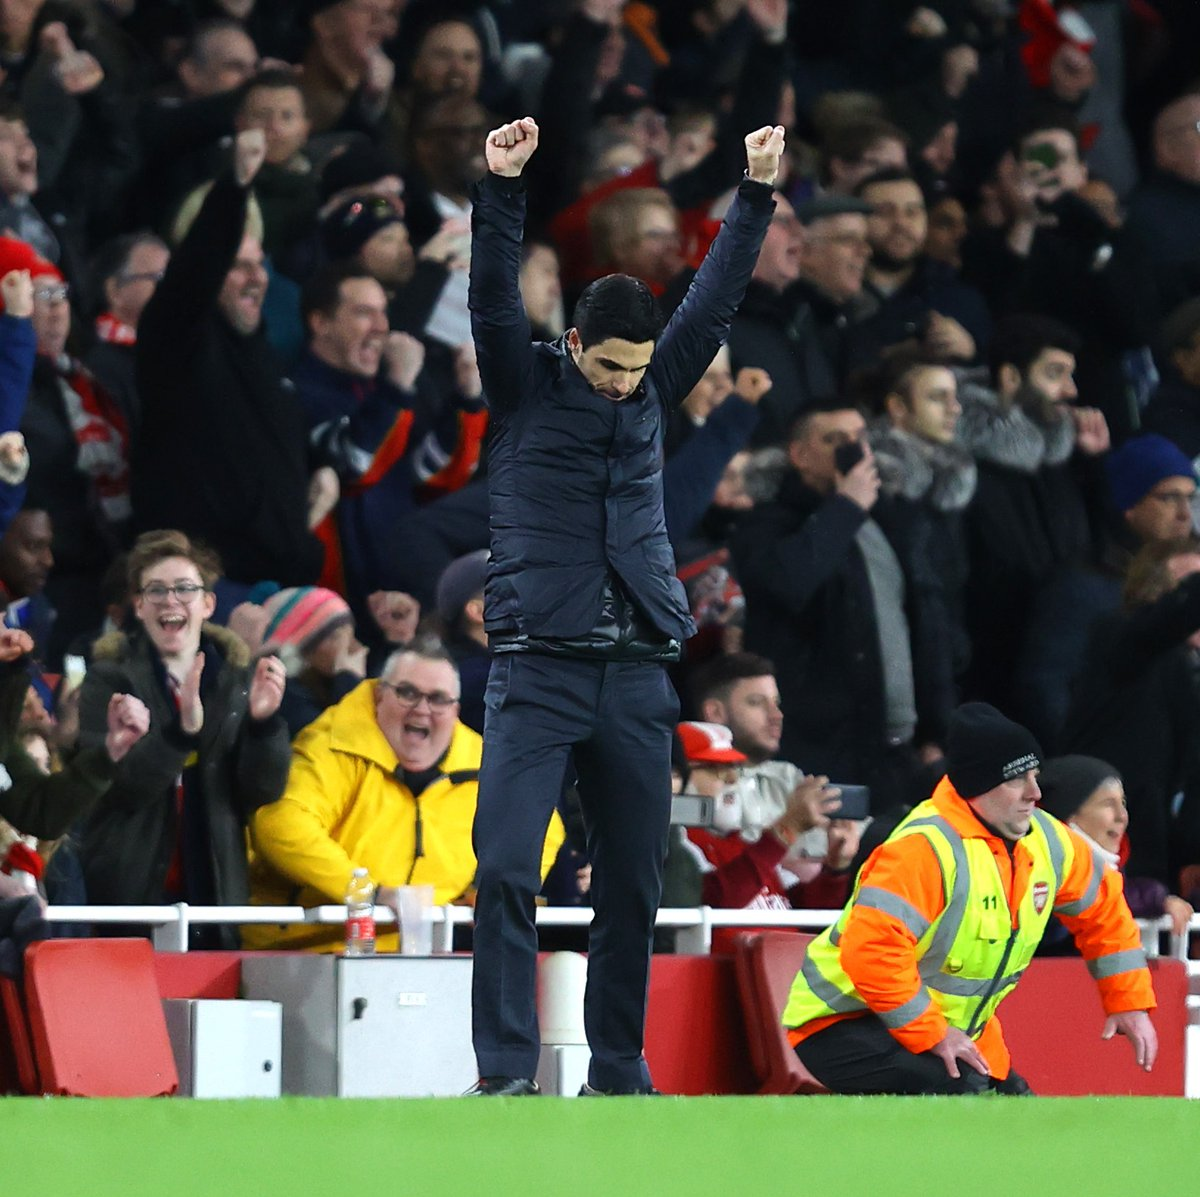 Arsenal Invincible 2020 😍 ✅ 2-0 vs Man Utd ✅ 1-0 vs Leeds 🤝 1-1 vs Crystal Palace 🤝 1-1 vs Sheff Utd 🤝 2-2 vs Chelsea ✅ 2-1 vs Bournemouth 🤝 0-0 vs Burnley ✅ 4-0 vs Newcastle ✅ 1-0 vs Olympiacos ✅ 3-2 vs Everton